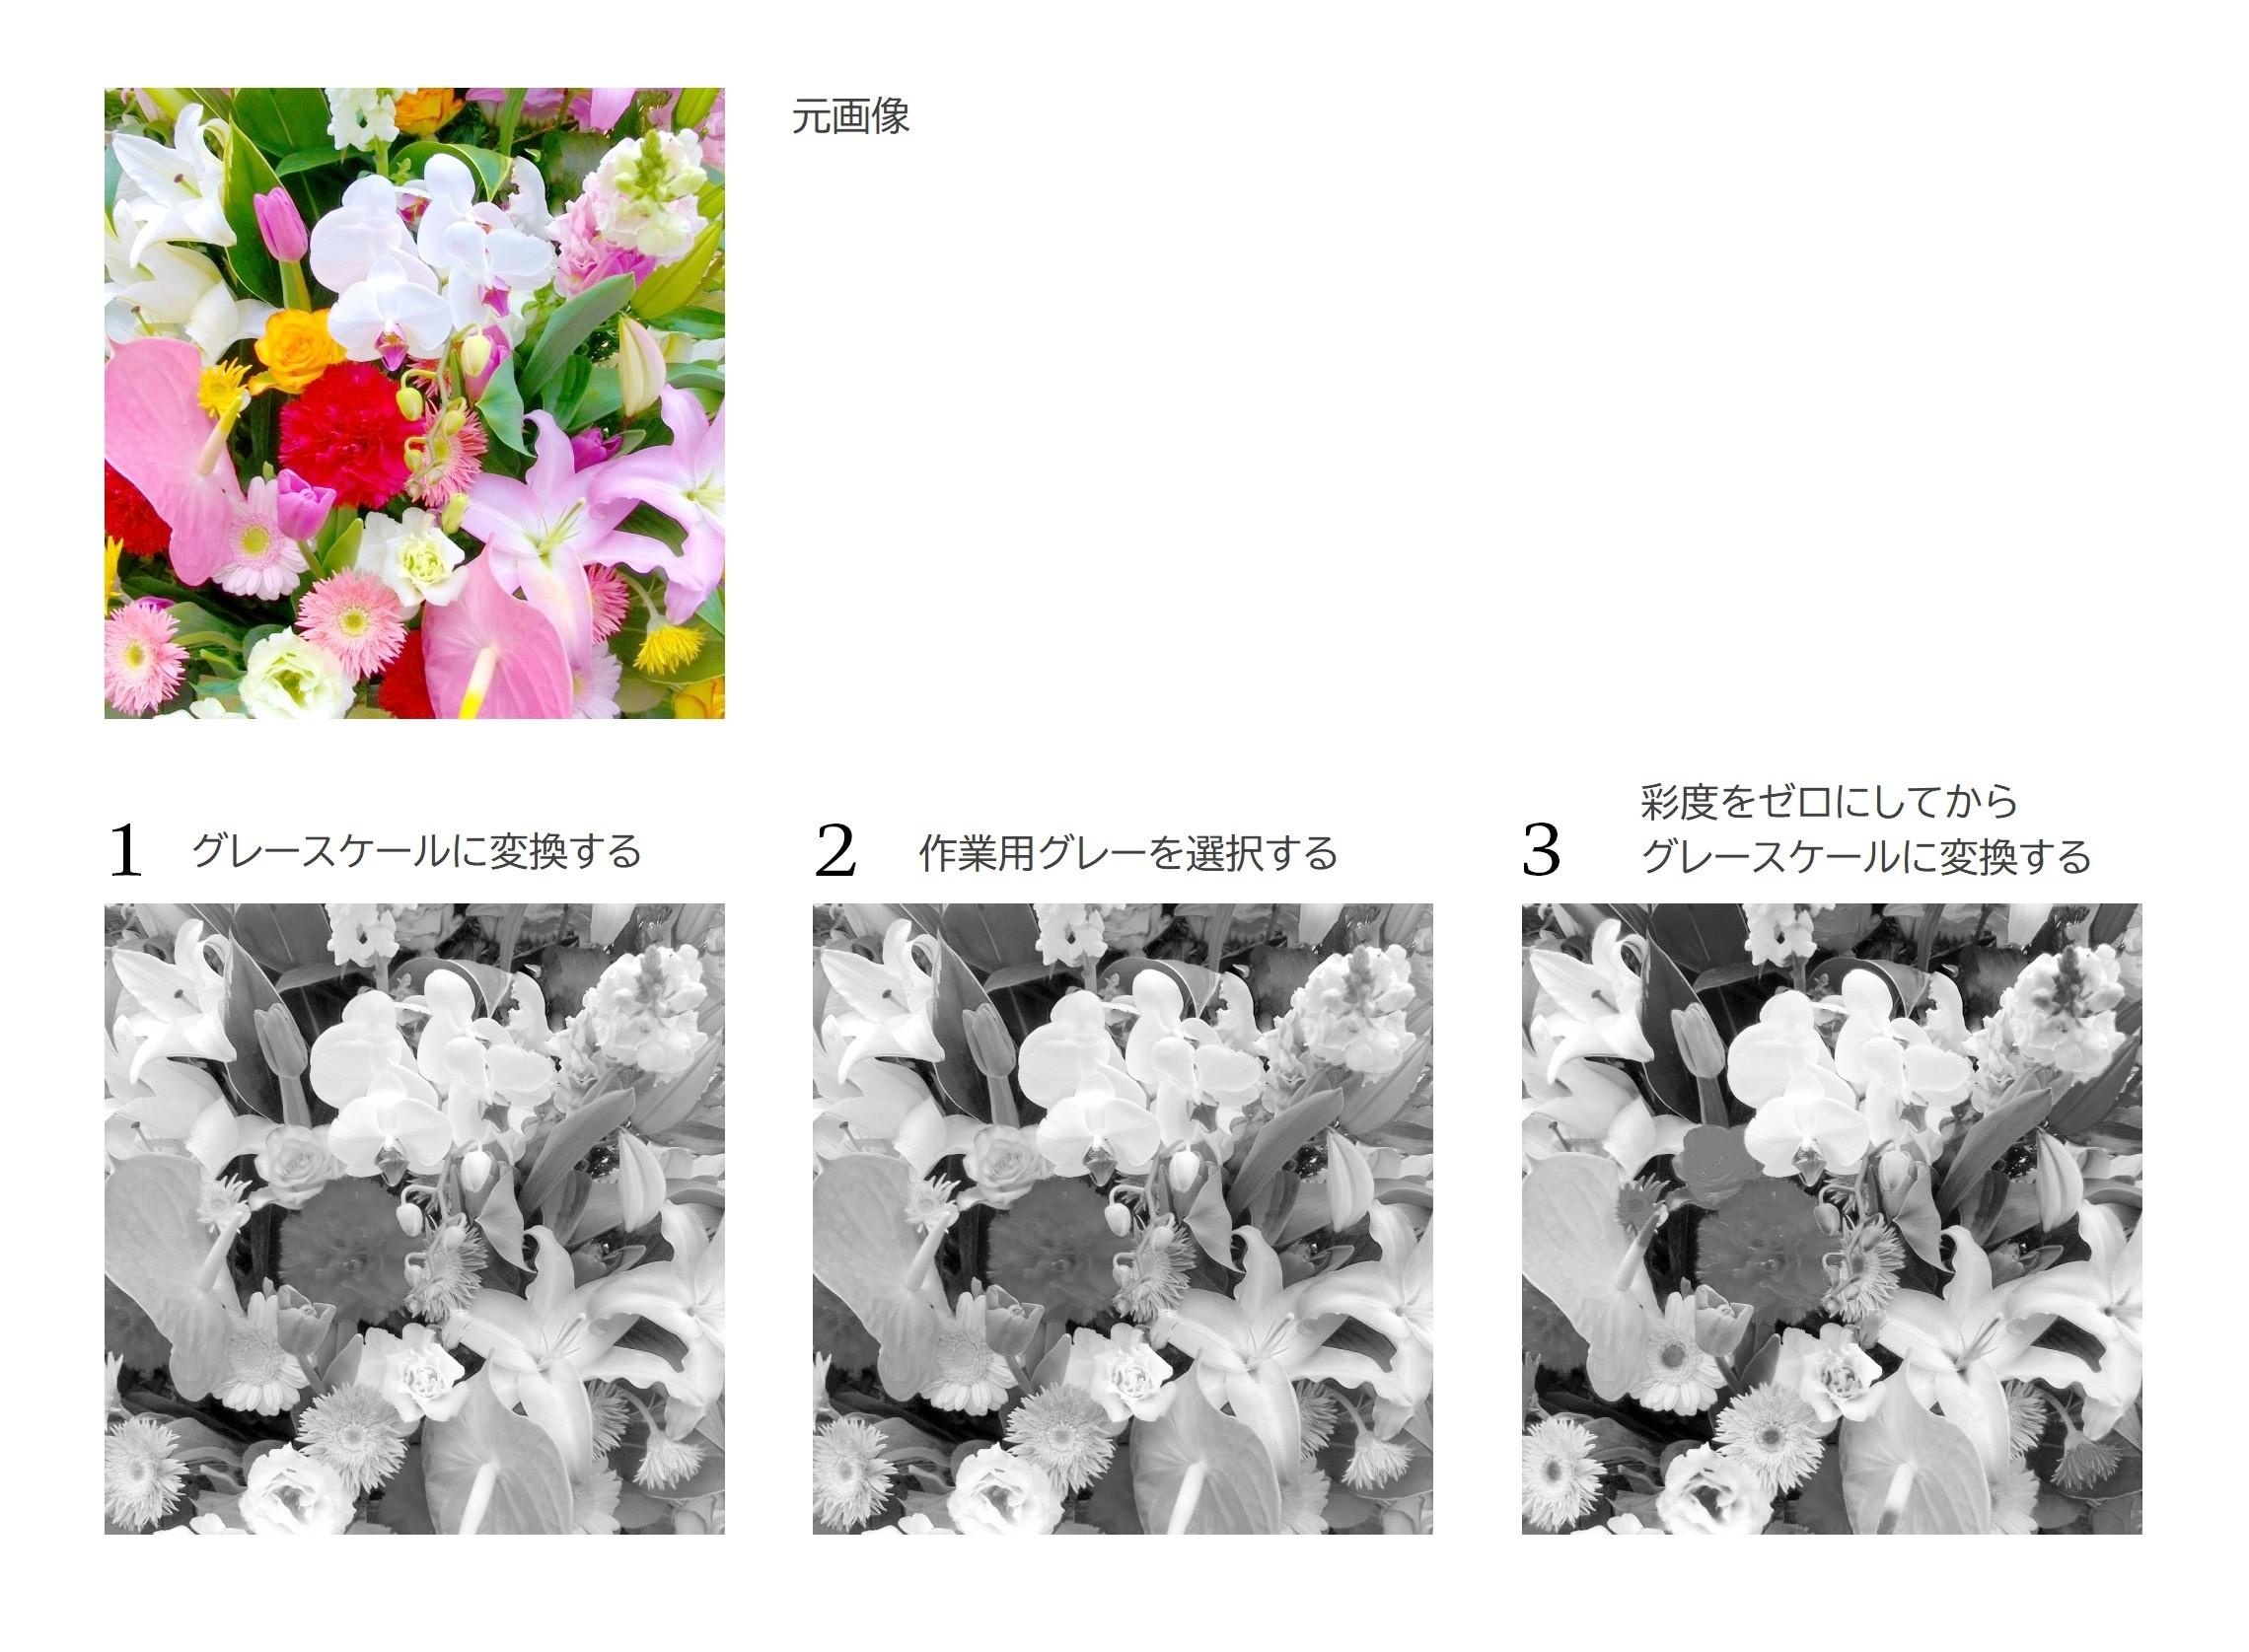 Photoshopでカラー画像をモノクロ変換する3つの方法